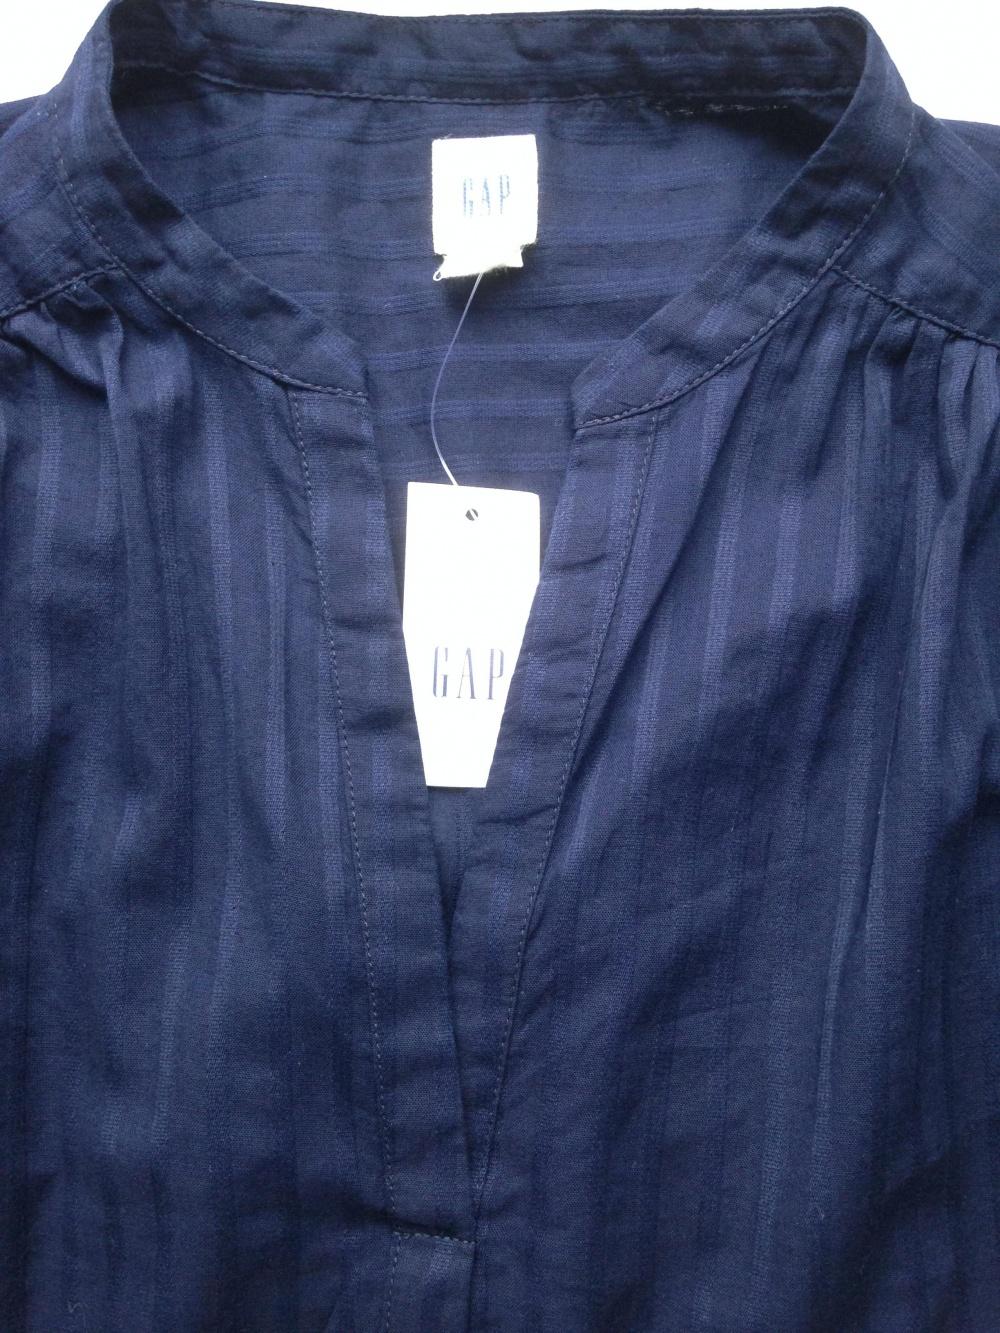 """Блуза """" Gap """", размер 48-52"""